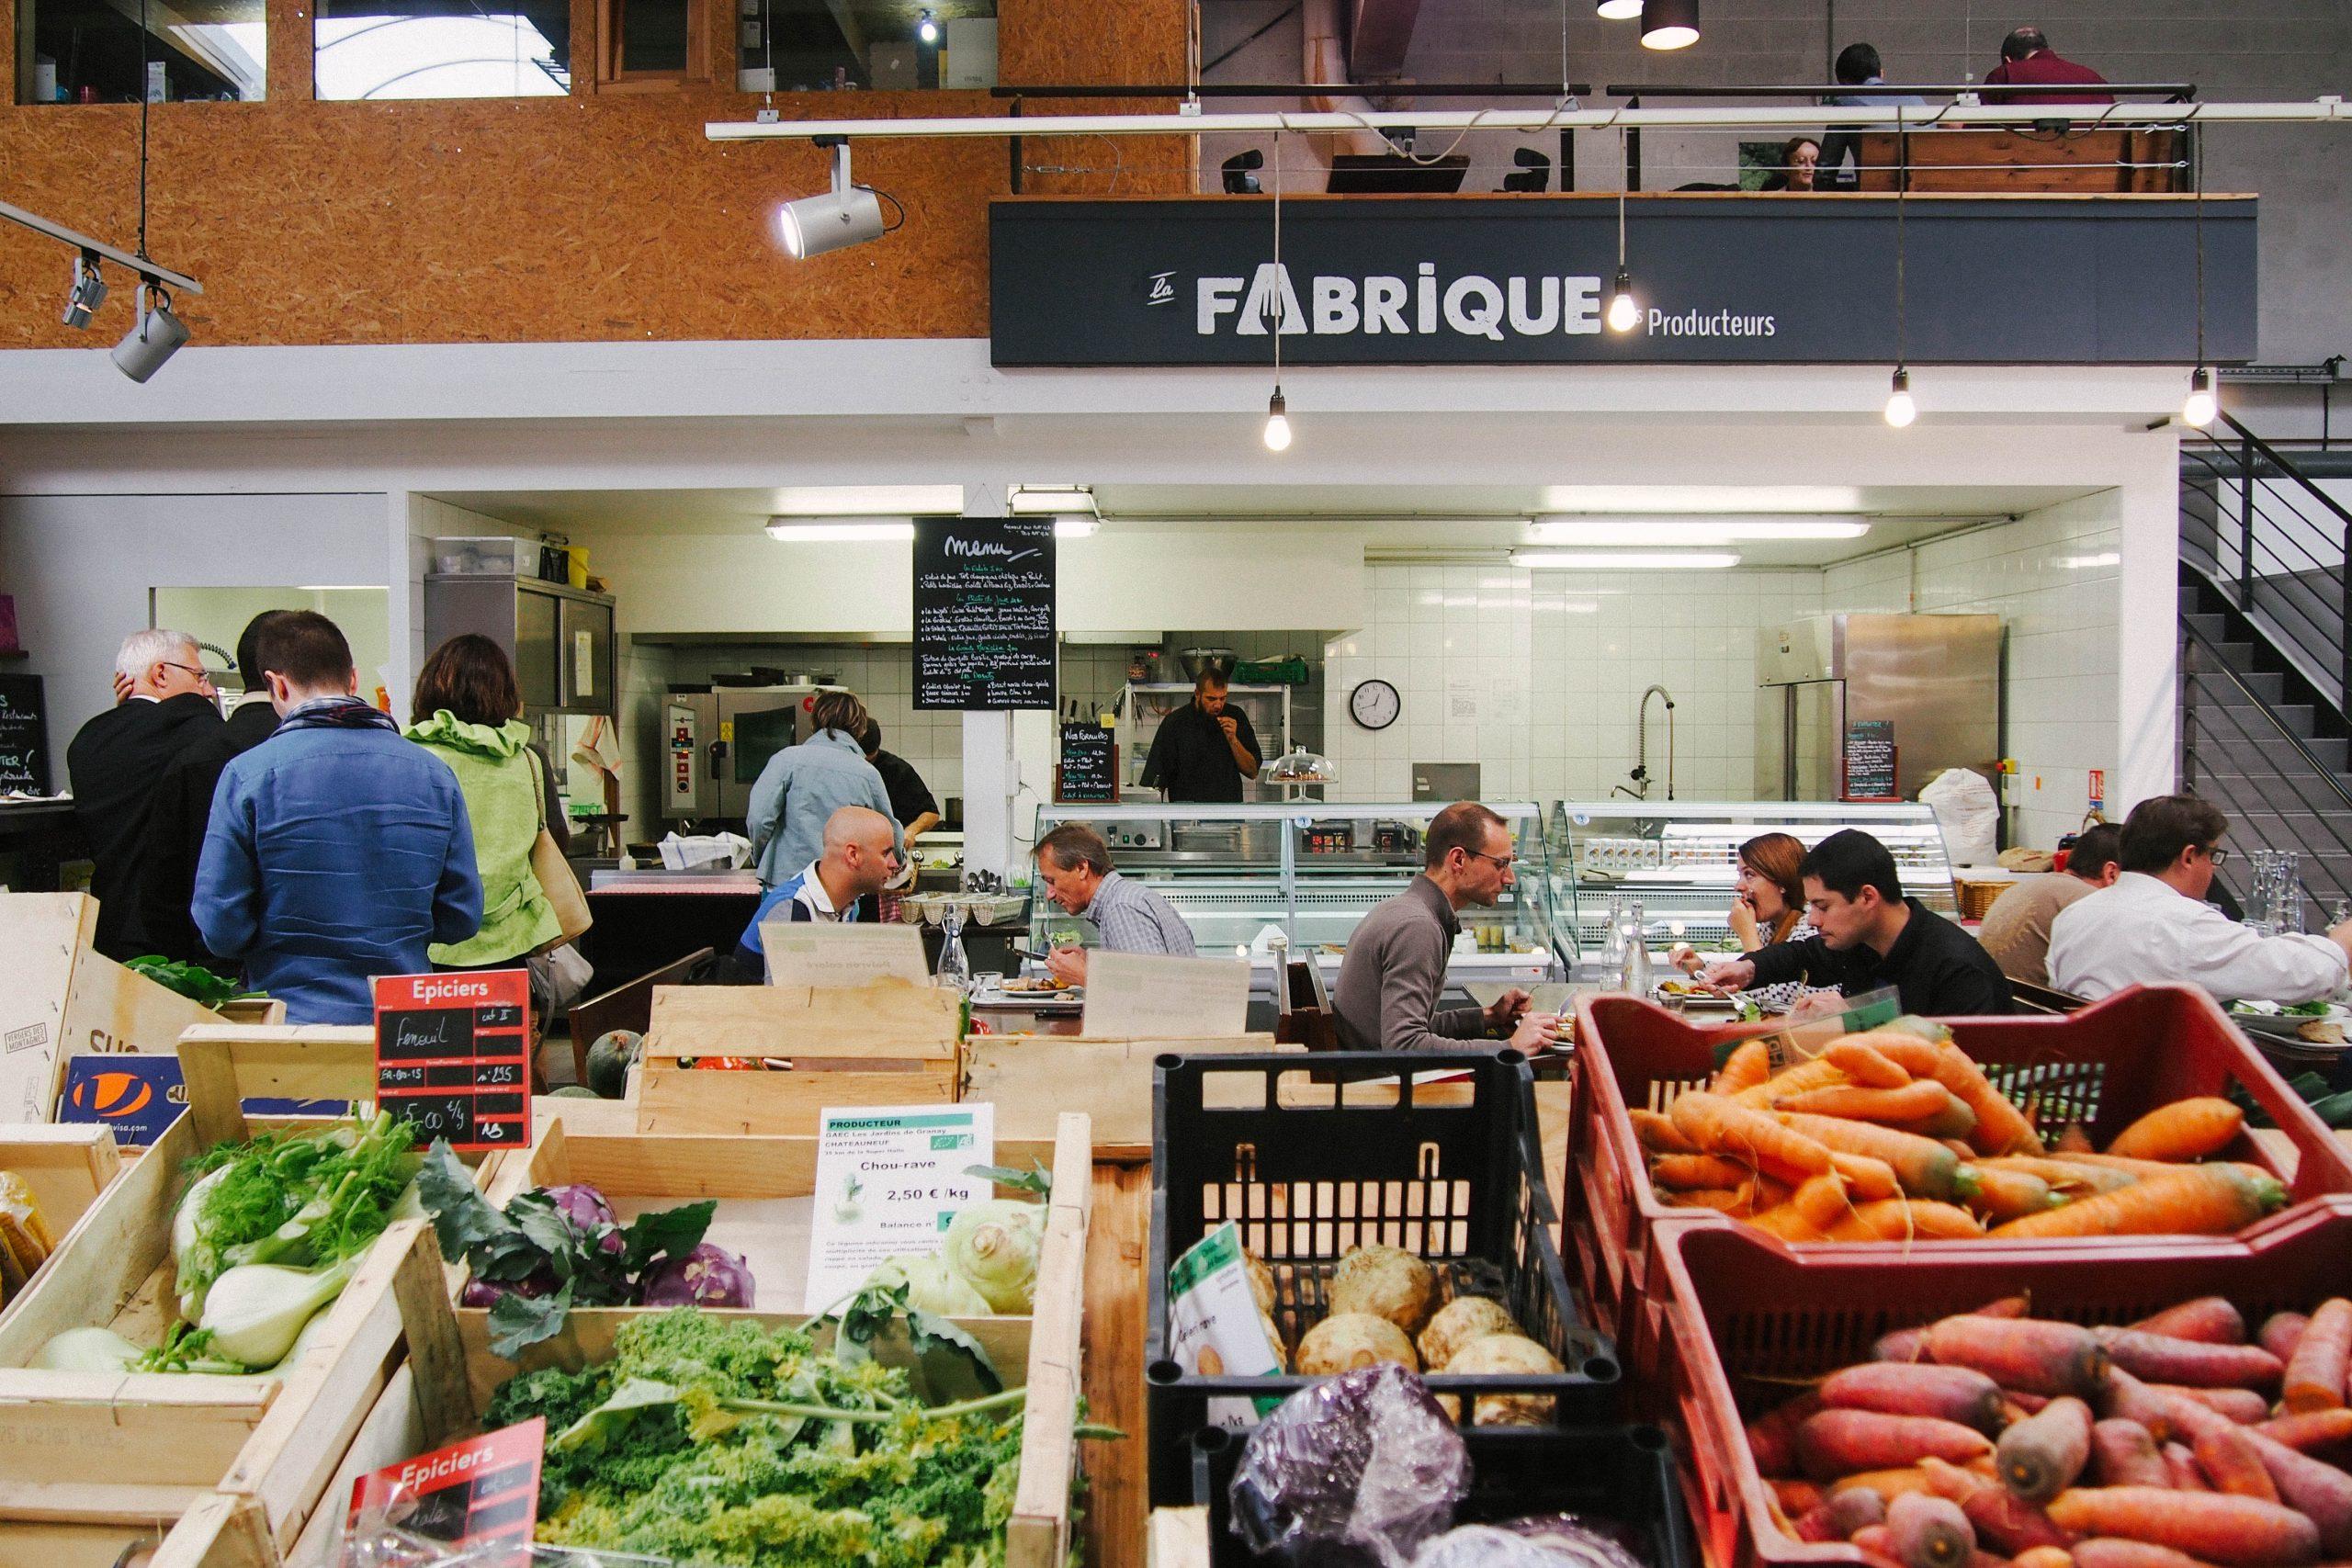 [OFFRE EMPLOI] La Fabrique Des Producteurs (Oullins, 69) Recherche Un·e Chef·fe De Cuisine En CDD Pour Fin Décembre